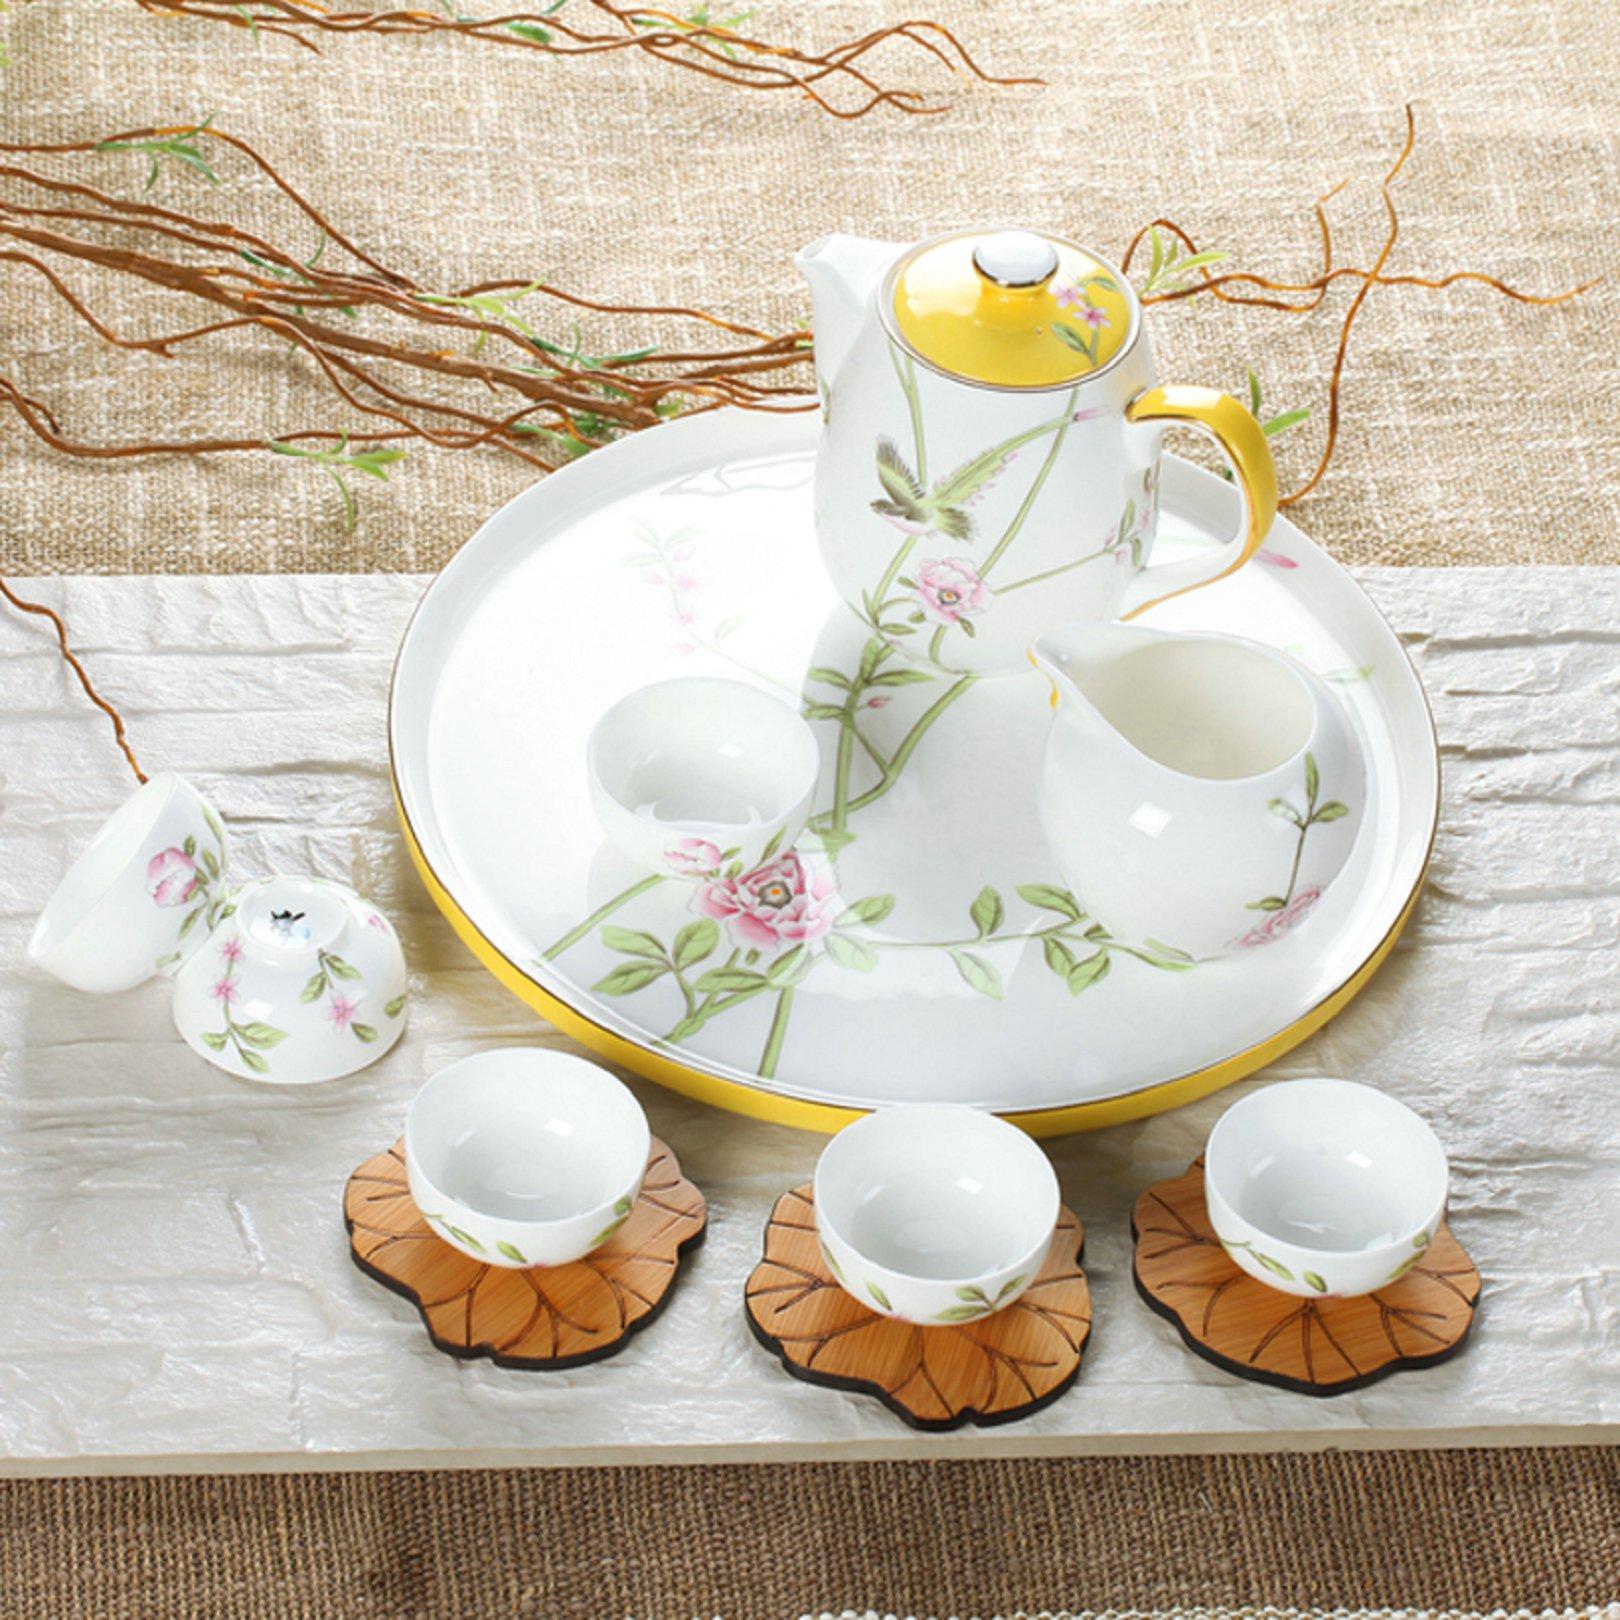 陶园梦茶具套装手绘整套高档唐山骨瓷茶杯茶壶圆茶盘6人家用包邮商品